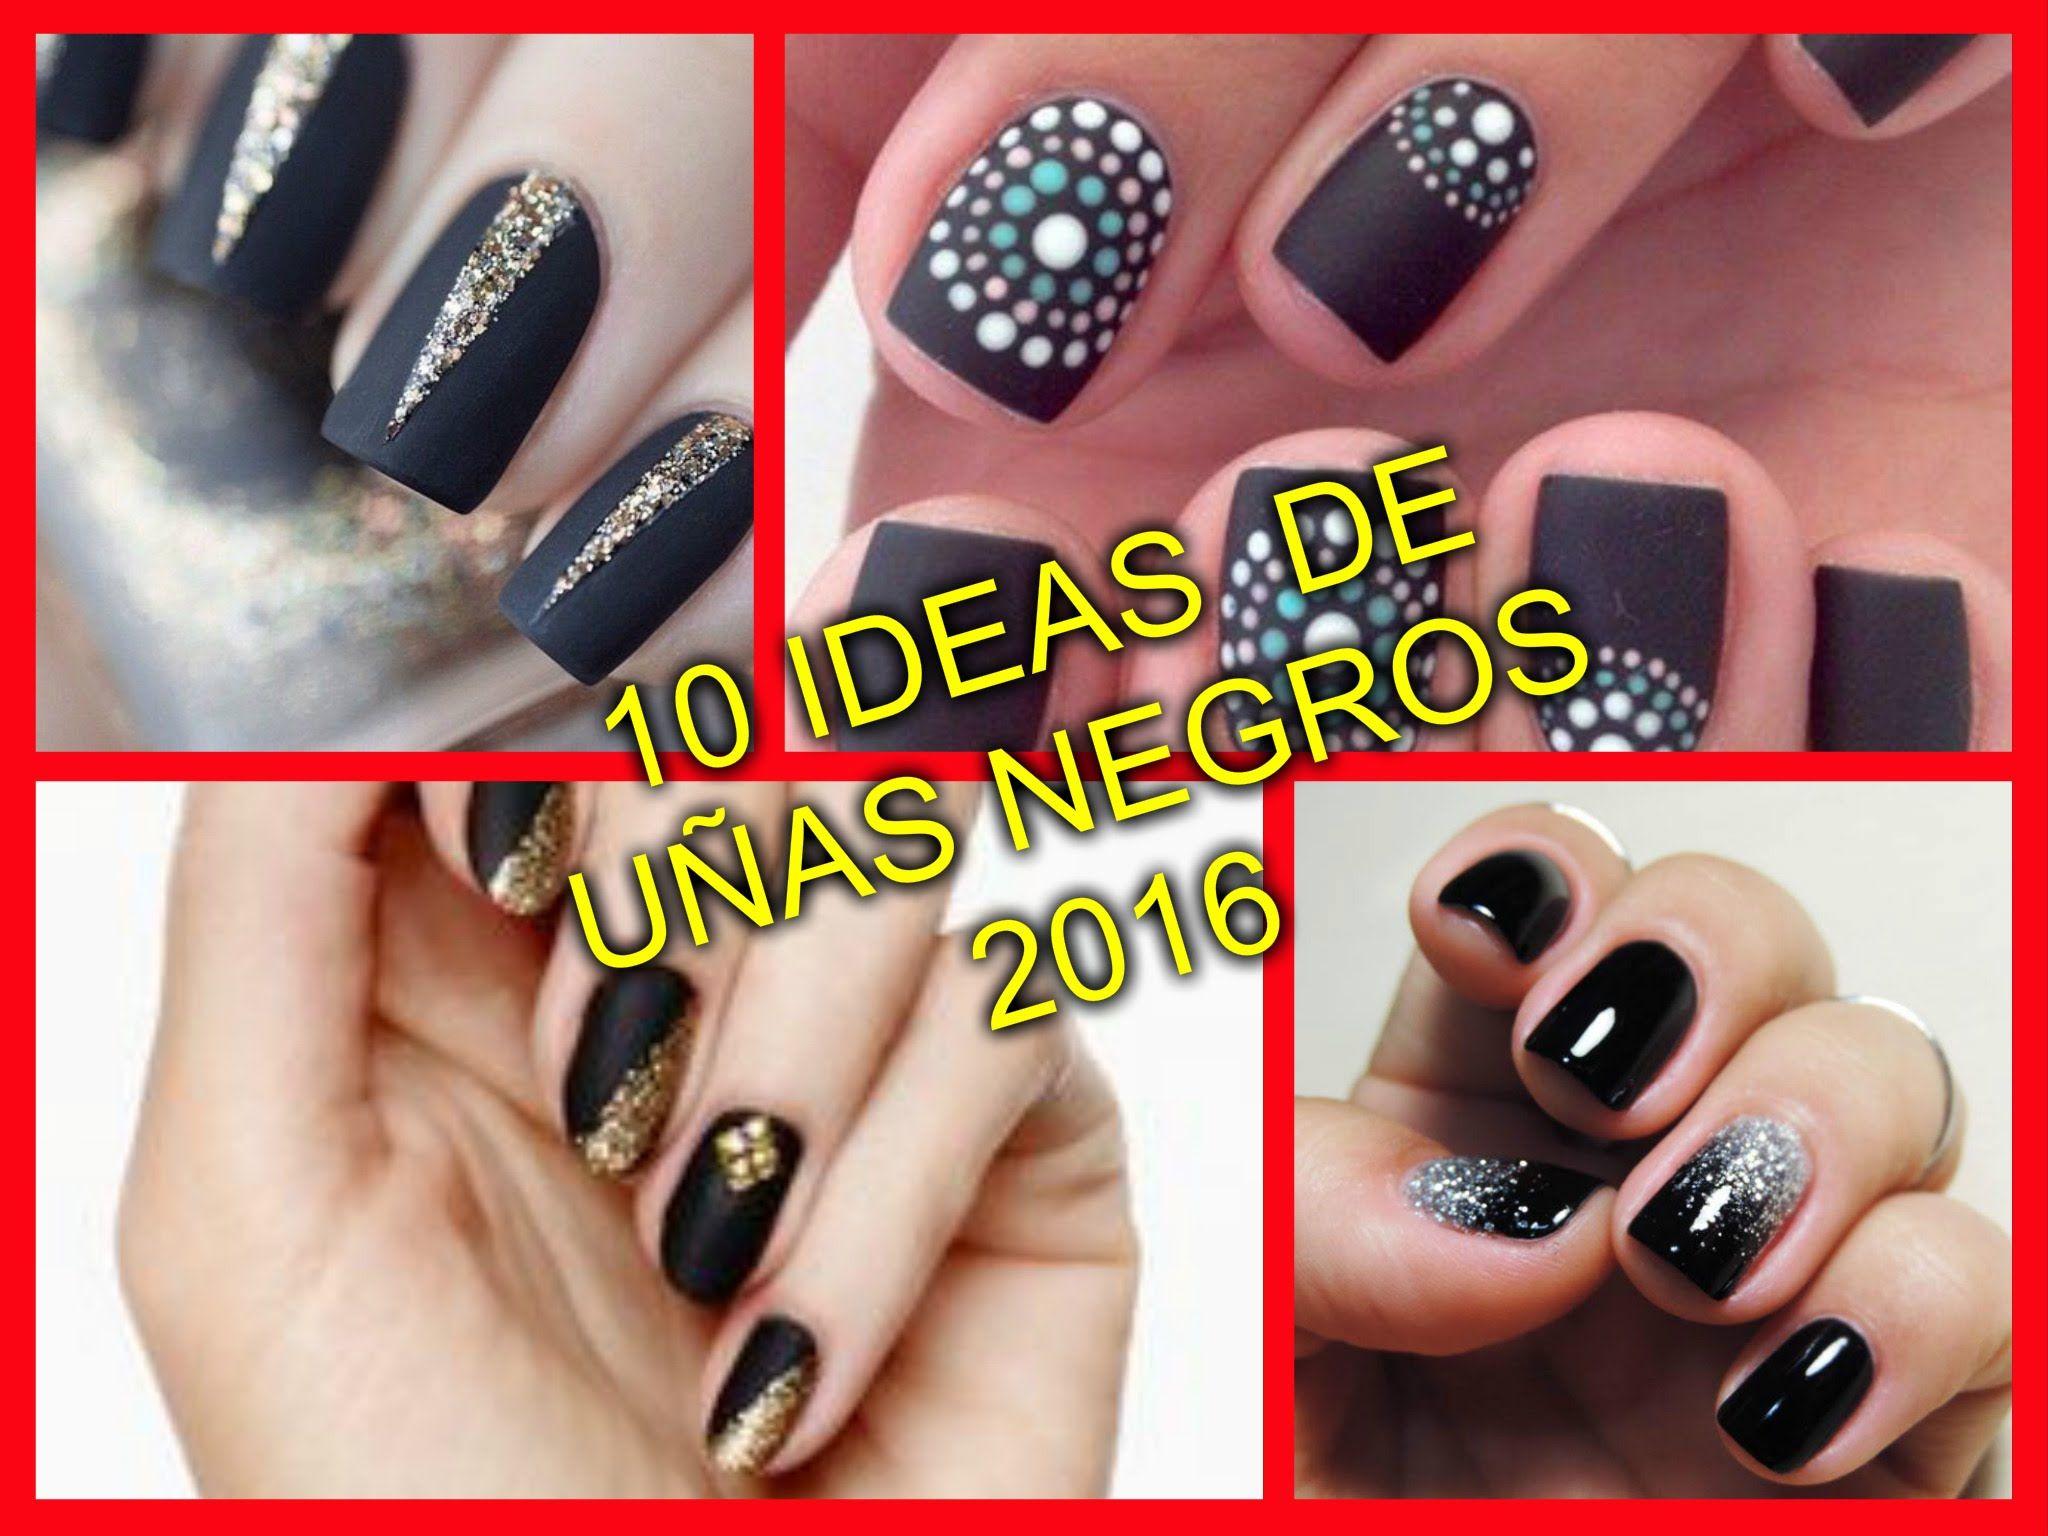 10 ELEGANTES DISEÑOS DE UÑAS NEGROS 2016 | Diseños de uñas | Pinterest